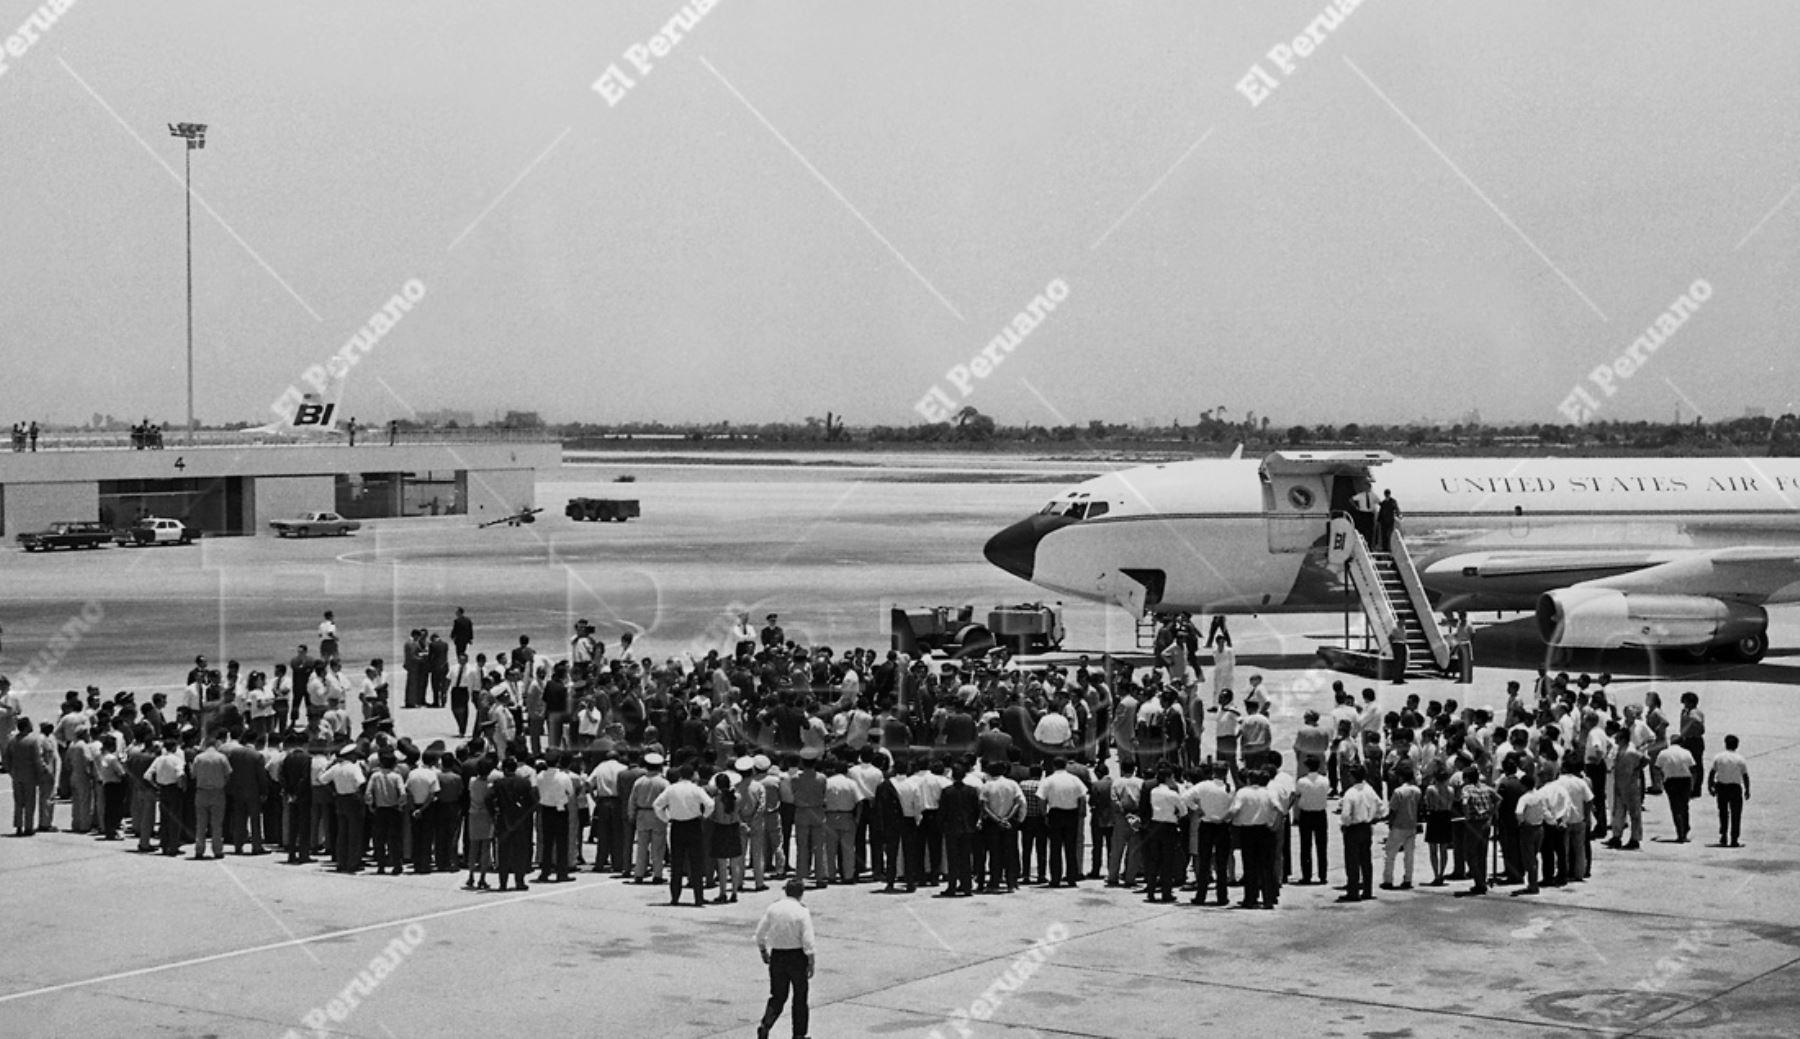 Callao - 17 febrero 1970 / Aterrizaje del avión de la Fuerza Aérea de Estados Unidos que trajo a los astronautas del Apolo XII: Charles Conrad, Richard Gordon y Alan Bean. Foto: ANDINA/archivo